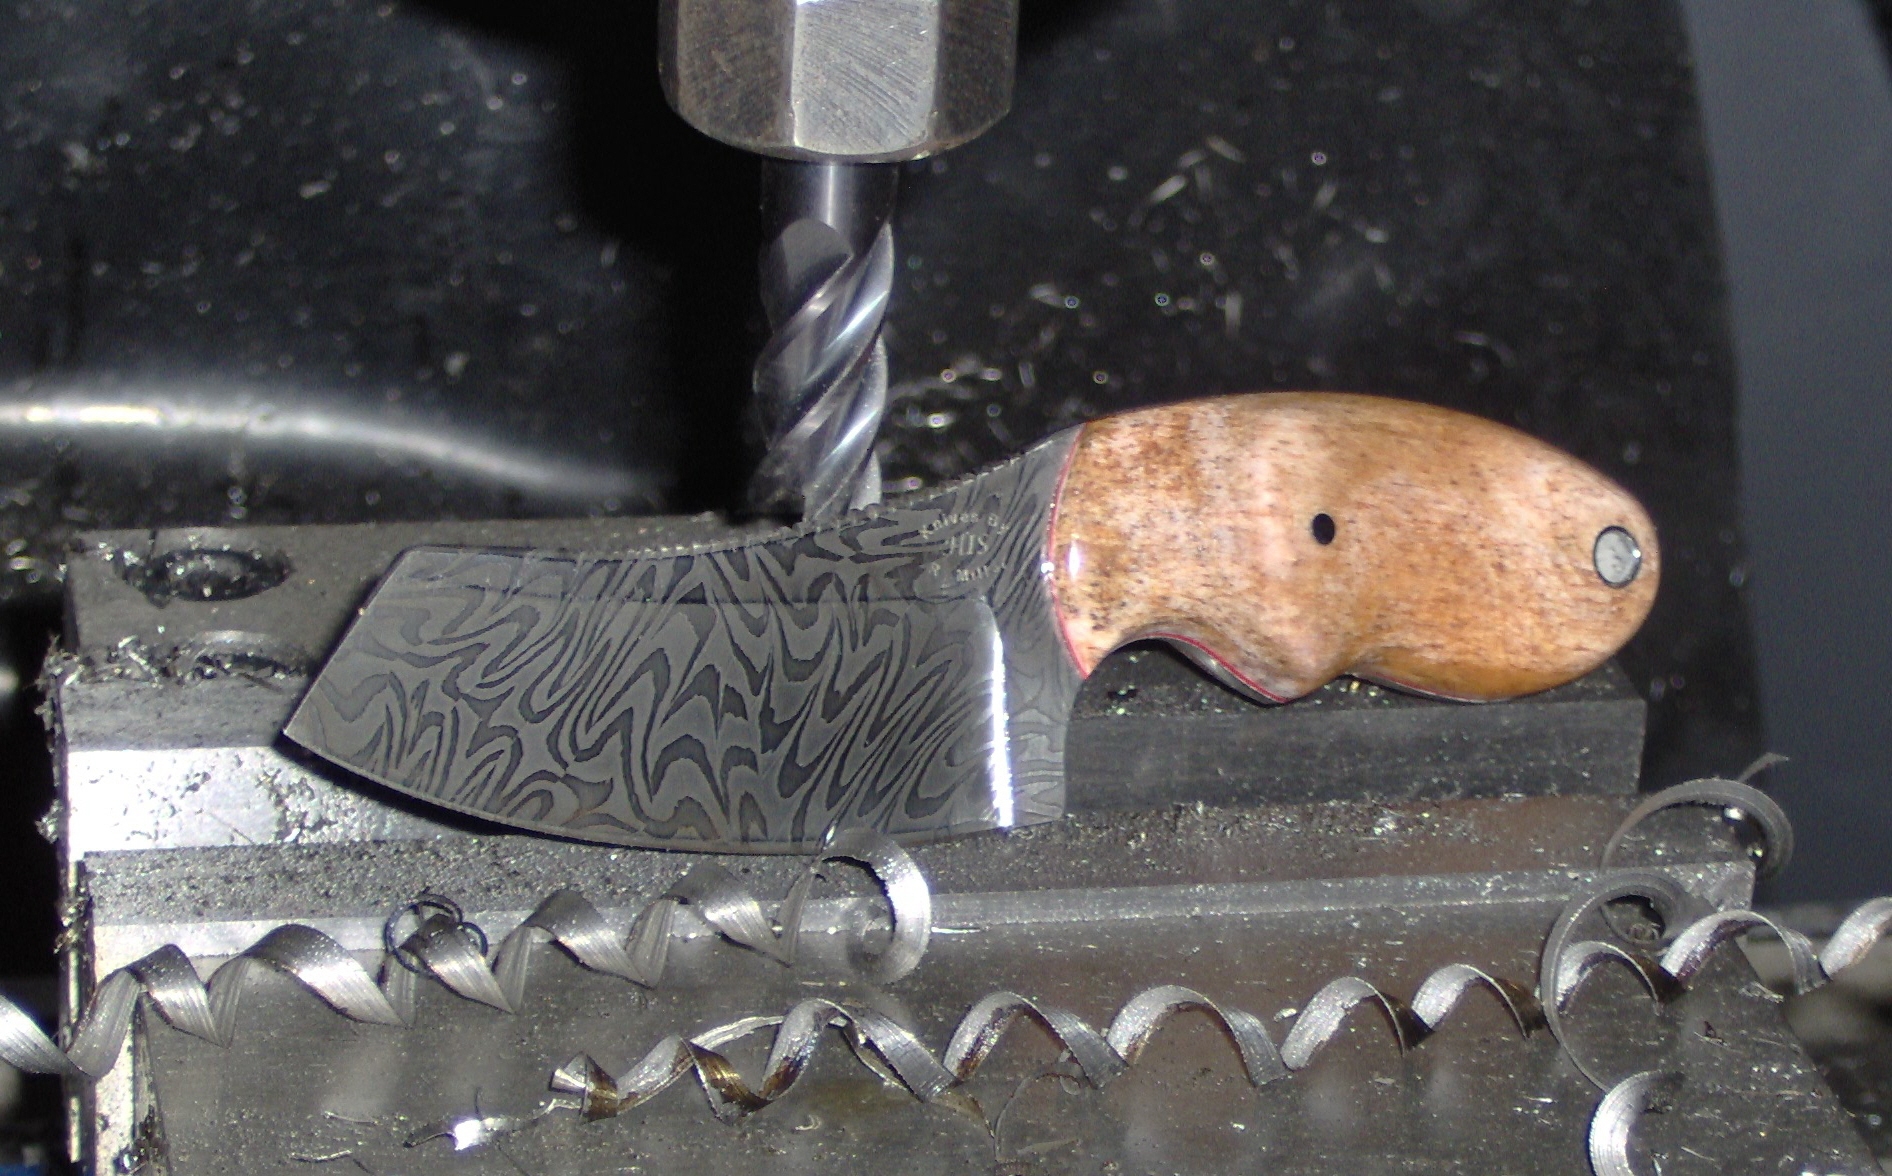 Buddy Knives